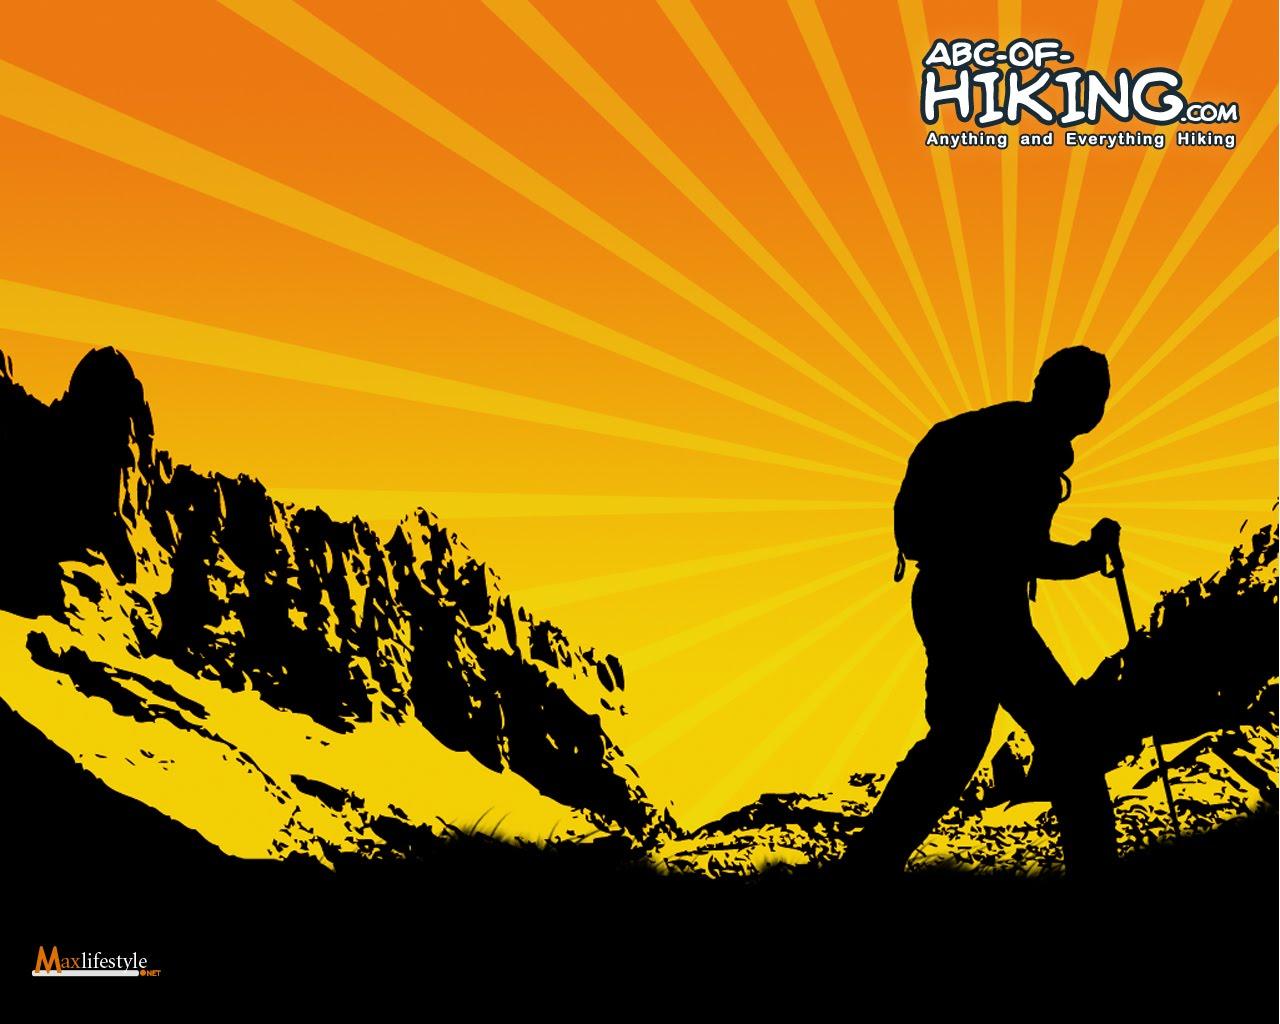 http://2.bp.blogspot.com/_CPFwRNbOQls/TCHhGYsFTrI/AAAAAAAAAAM/aW7k5XjF9I0/s1600/hiking-wallpaper2-1280x1024.jpg